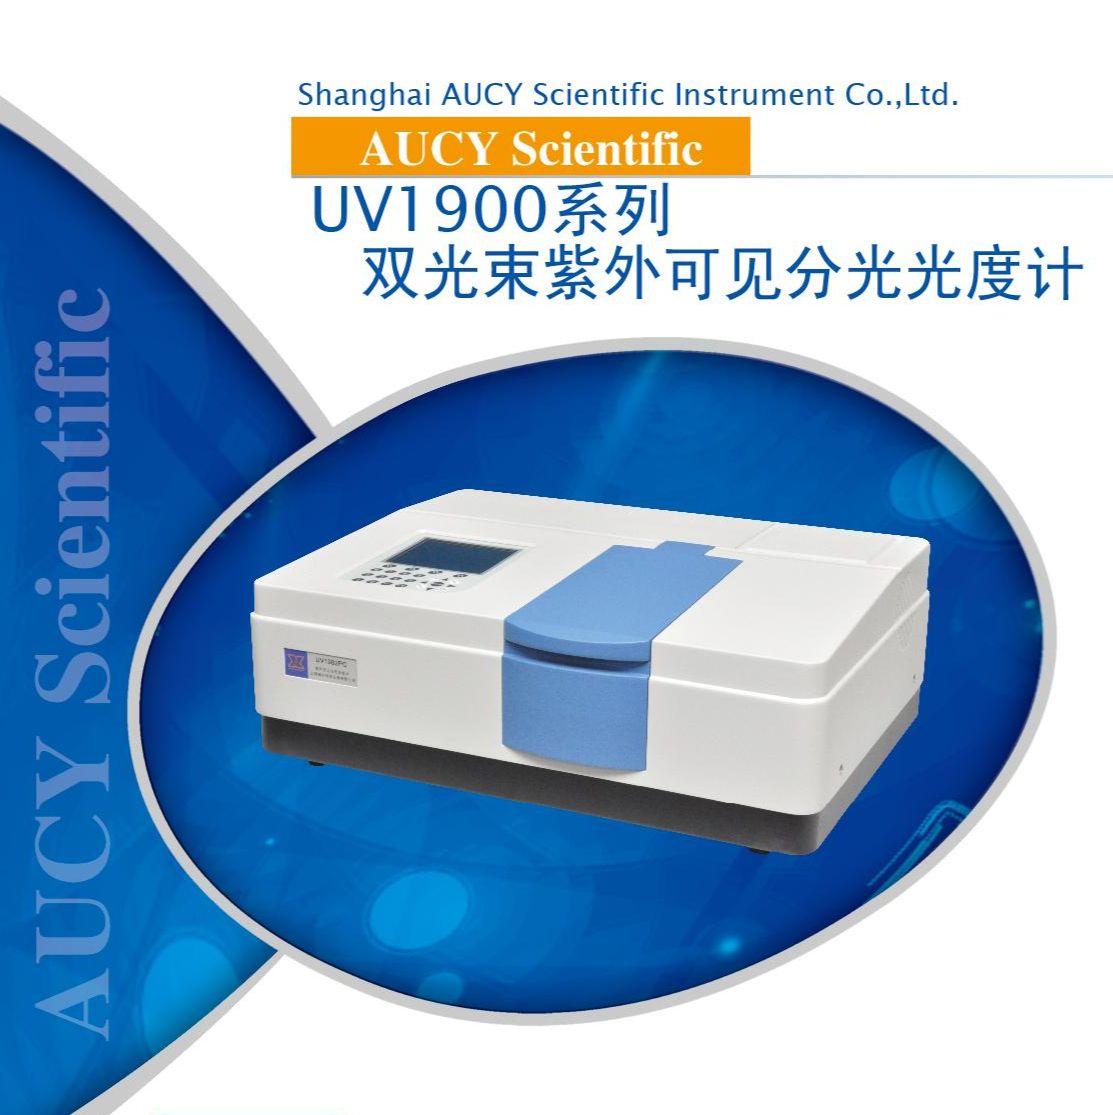 UV1901系列 双光束紫外可见分光光度计水质检测